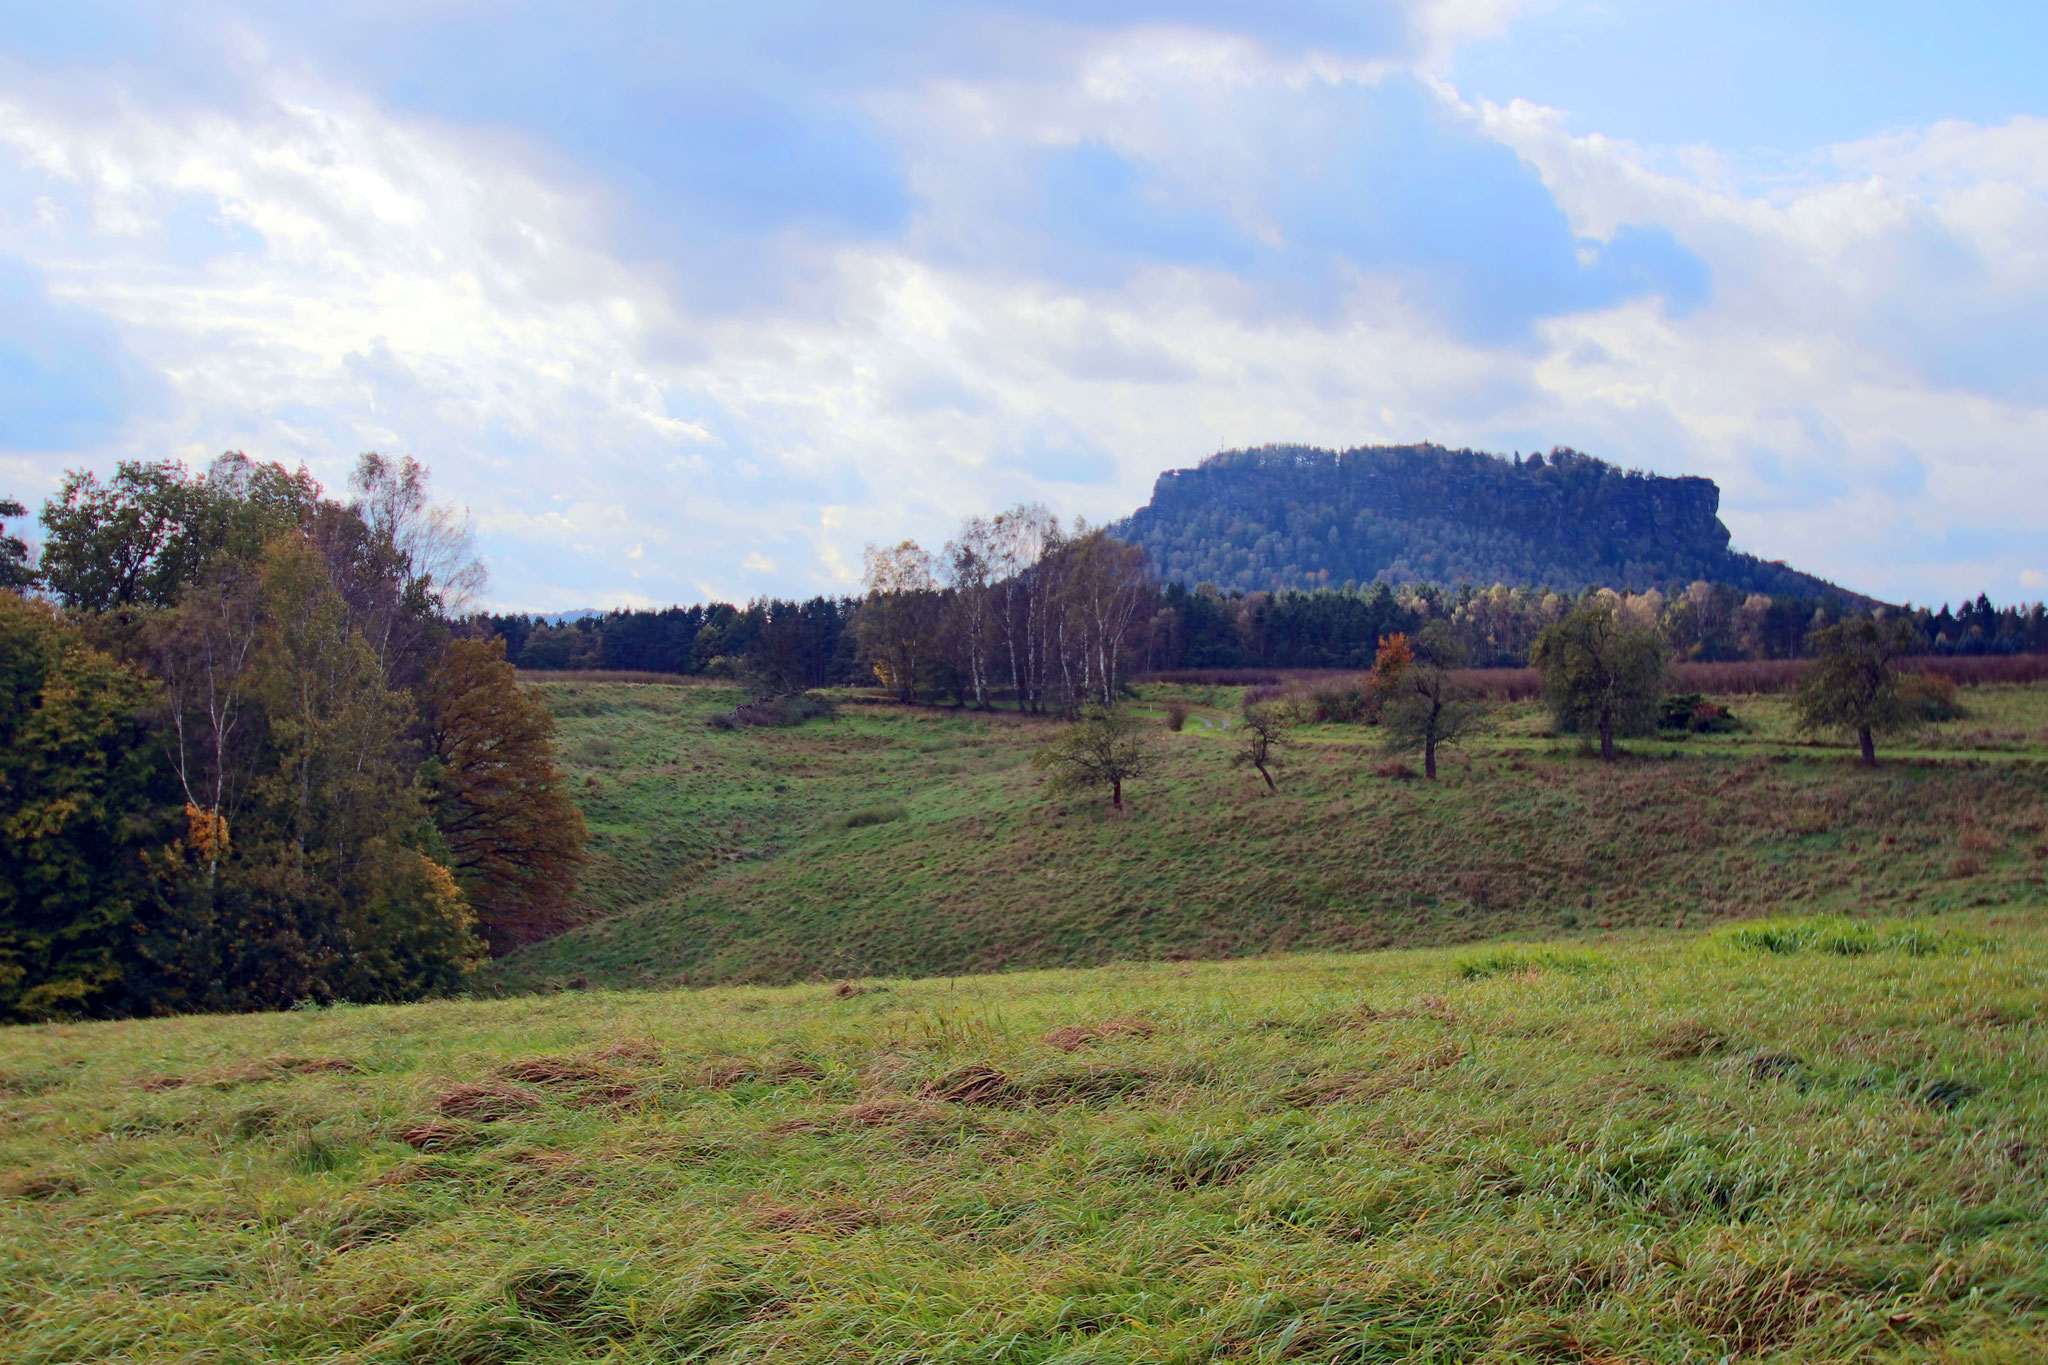 Blick auf den Lilienstein Sächsische Schweiz-Osterzgebirge